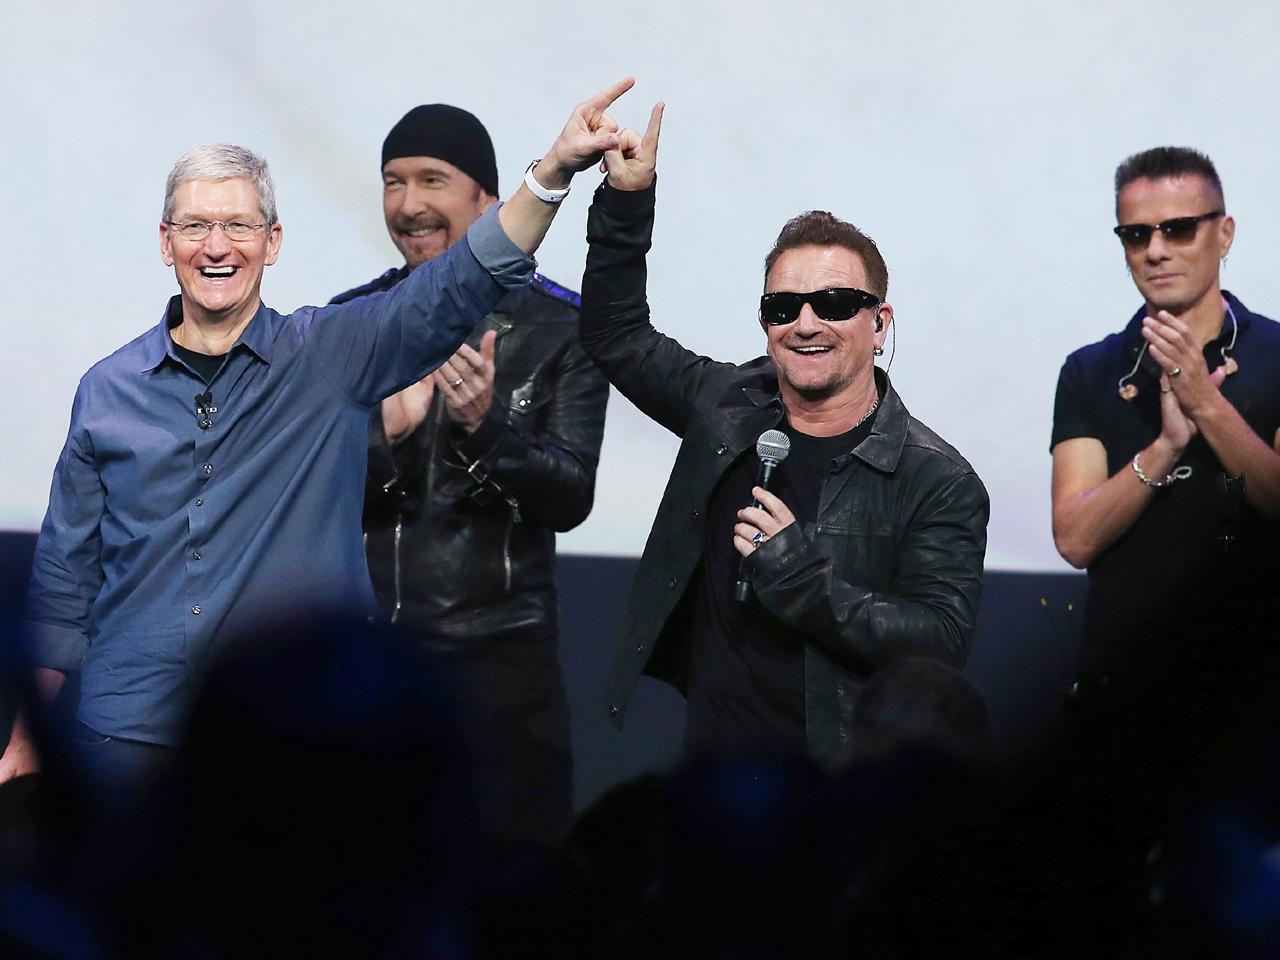 Apple's $100 million U2 debacle - CBS News